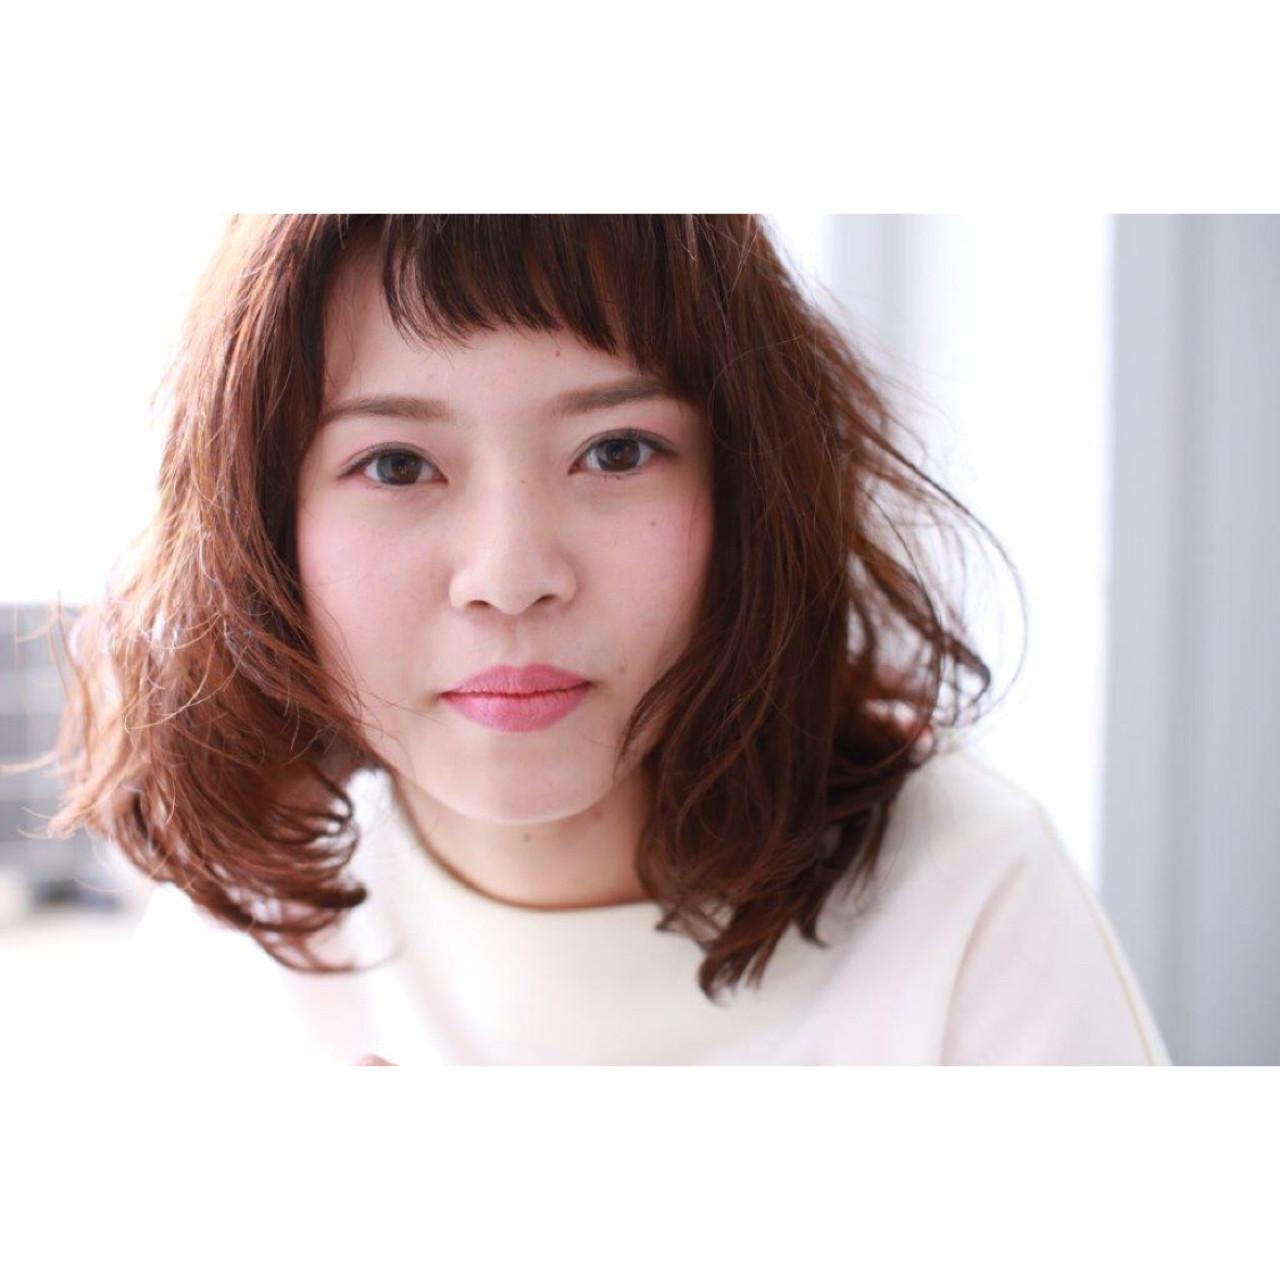 パーマ 前髪あり 小顔 こなれ感 ヘアスタイルや髪型の写真・画像 | Yumi Hiramatsu / Sourire Imaizumi【スーリール イマイズミ】